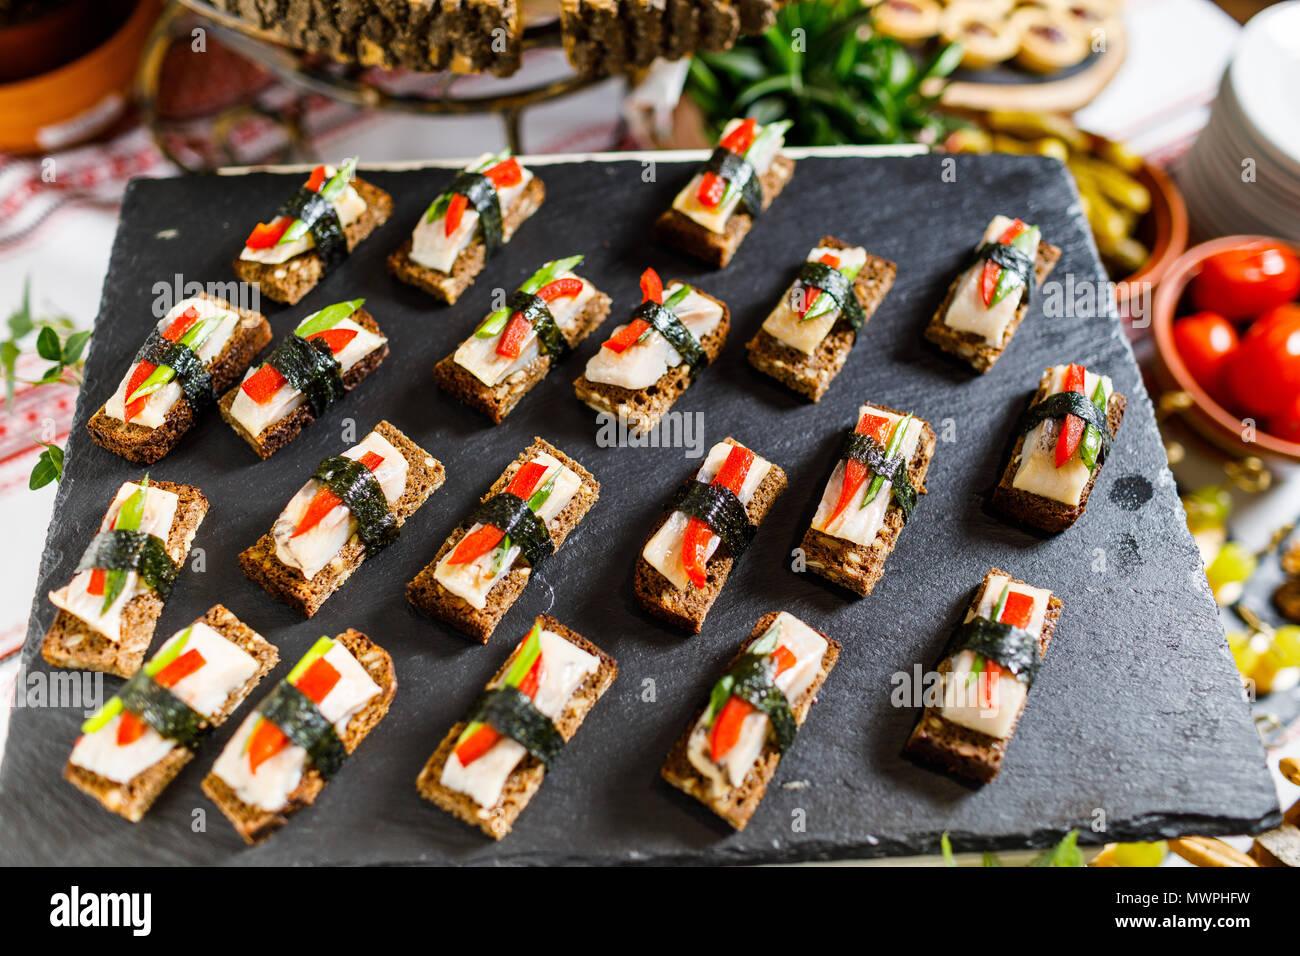 Wunderschon Eingerichtete Catering Bankett Tisch Mit Verschiedenen